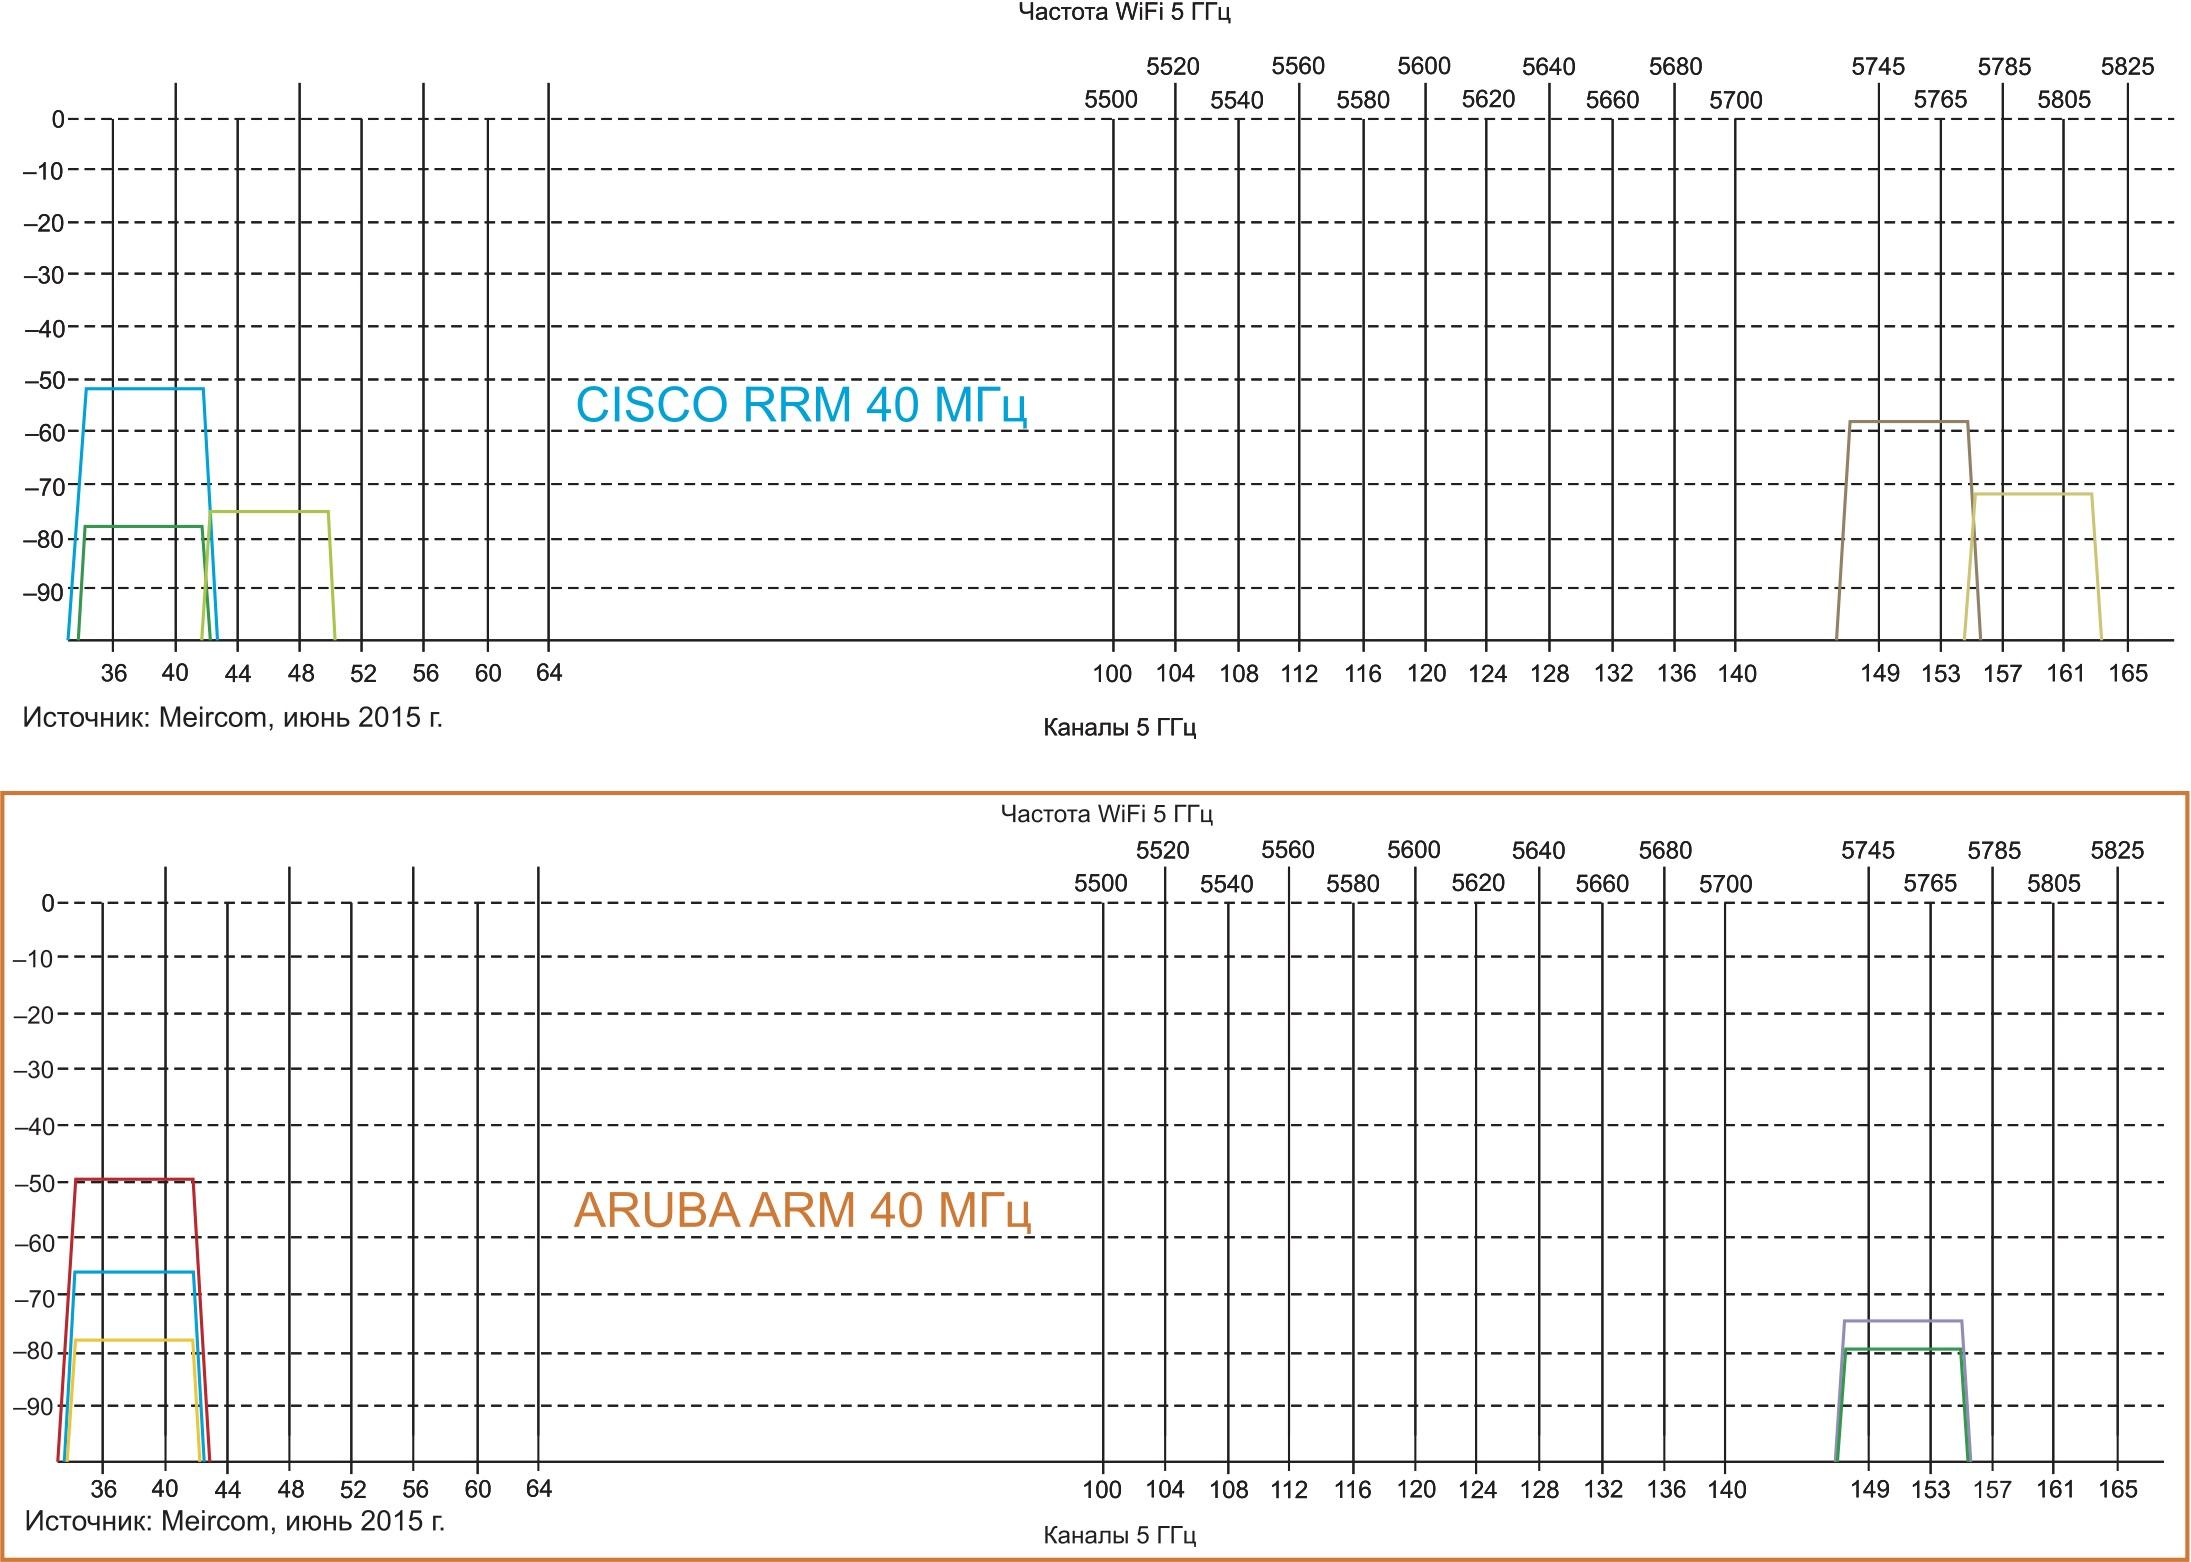 Выбор канала 40 МГц, визуальное представление: а) Cisco; б) Aruba